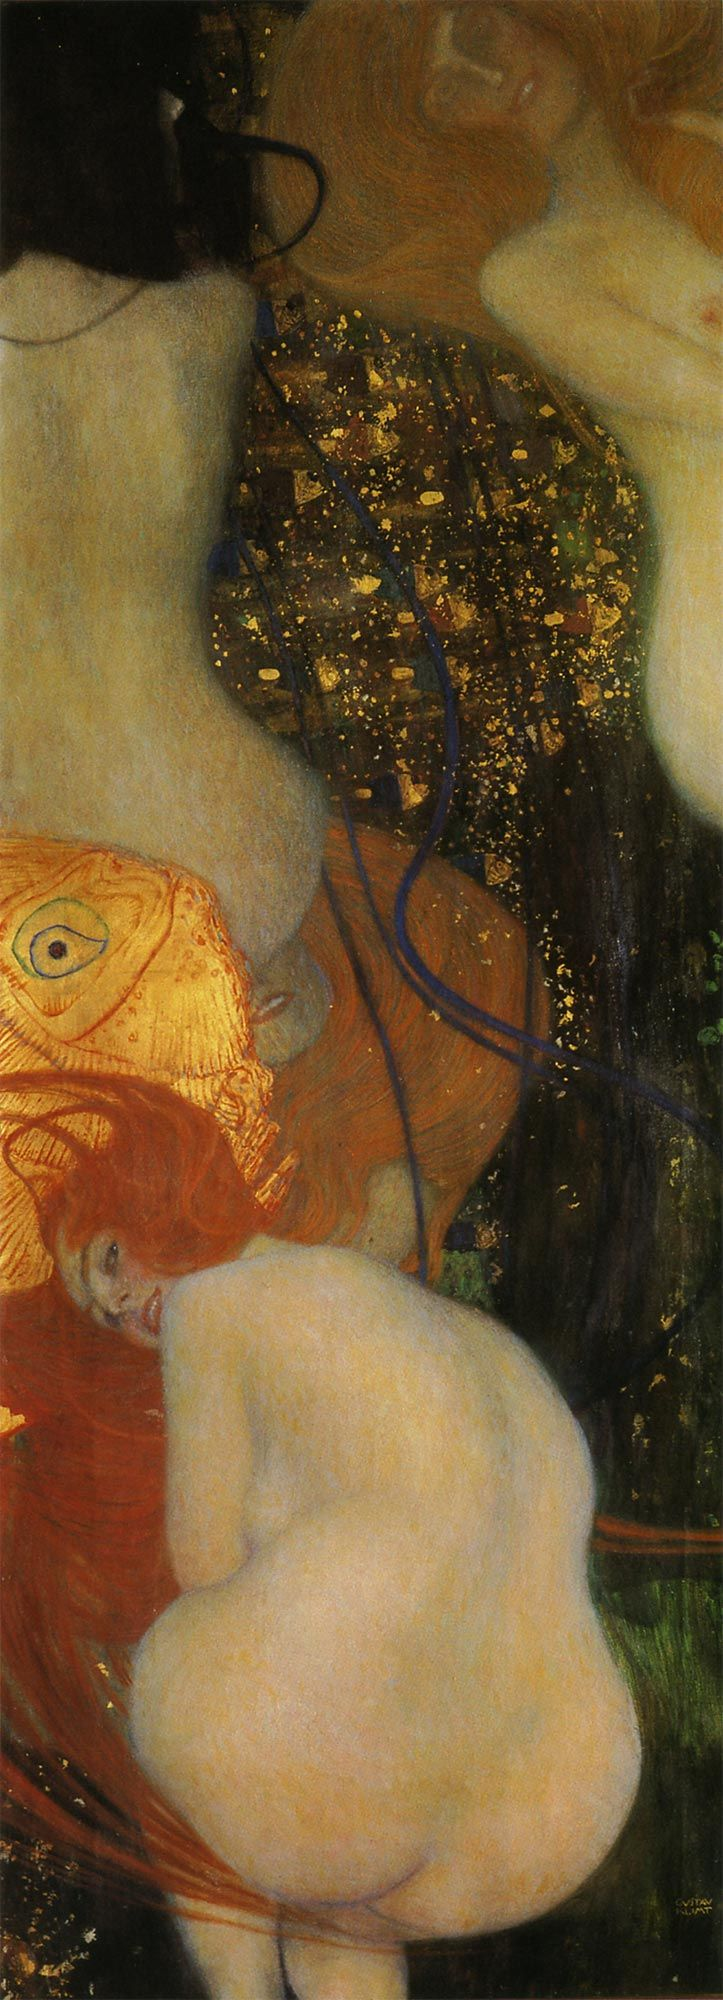 『金魚』(1901-1902) Gstav Klimt - Goldfische